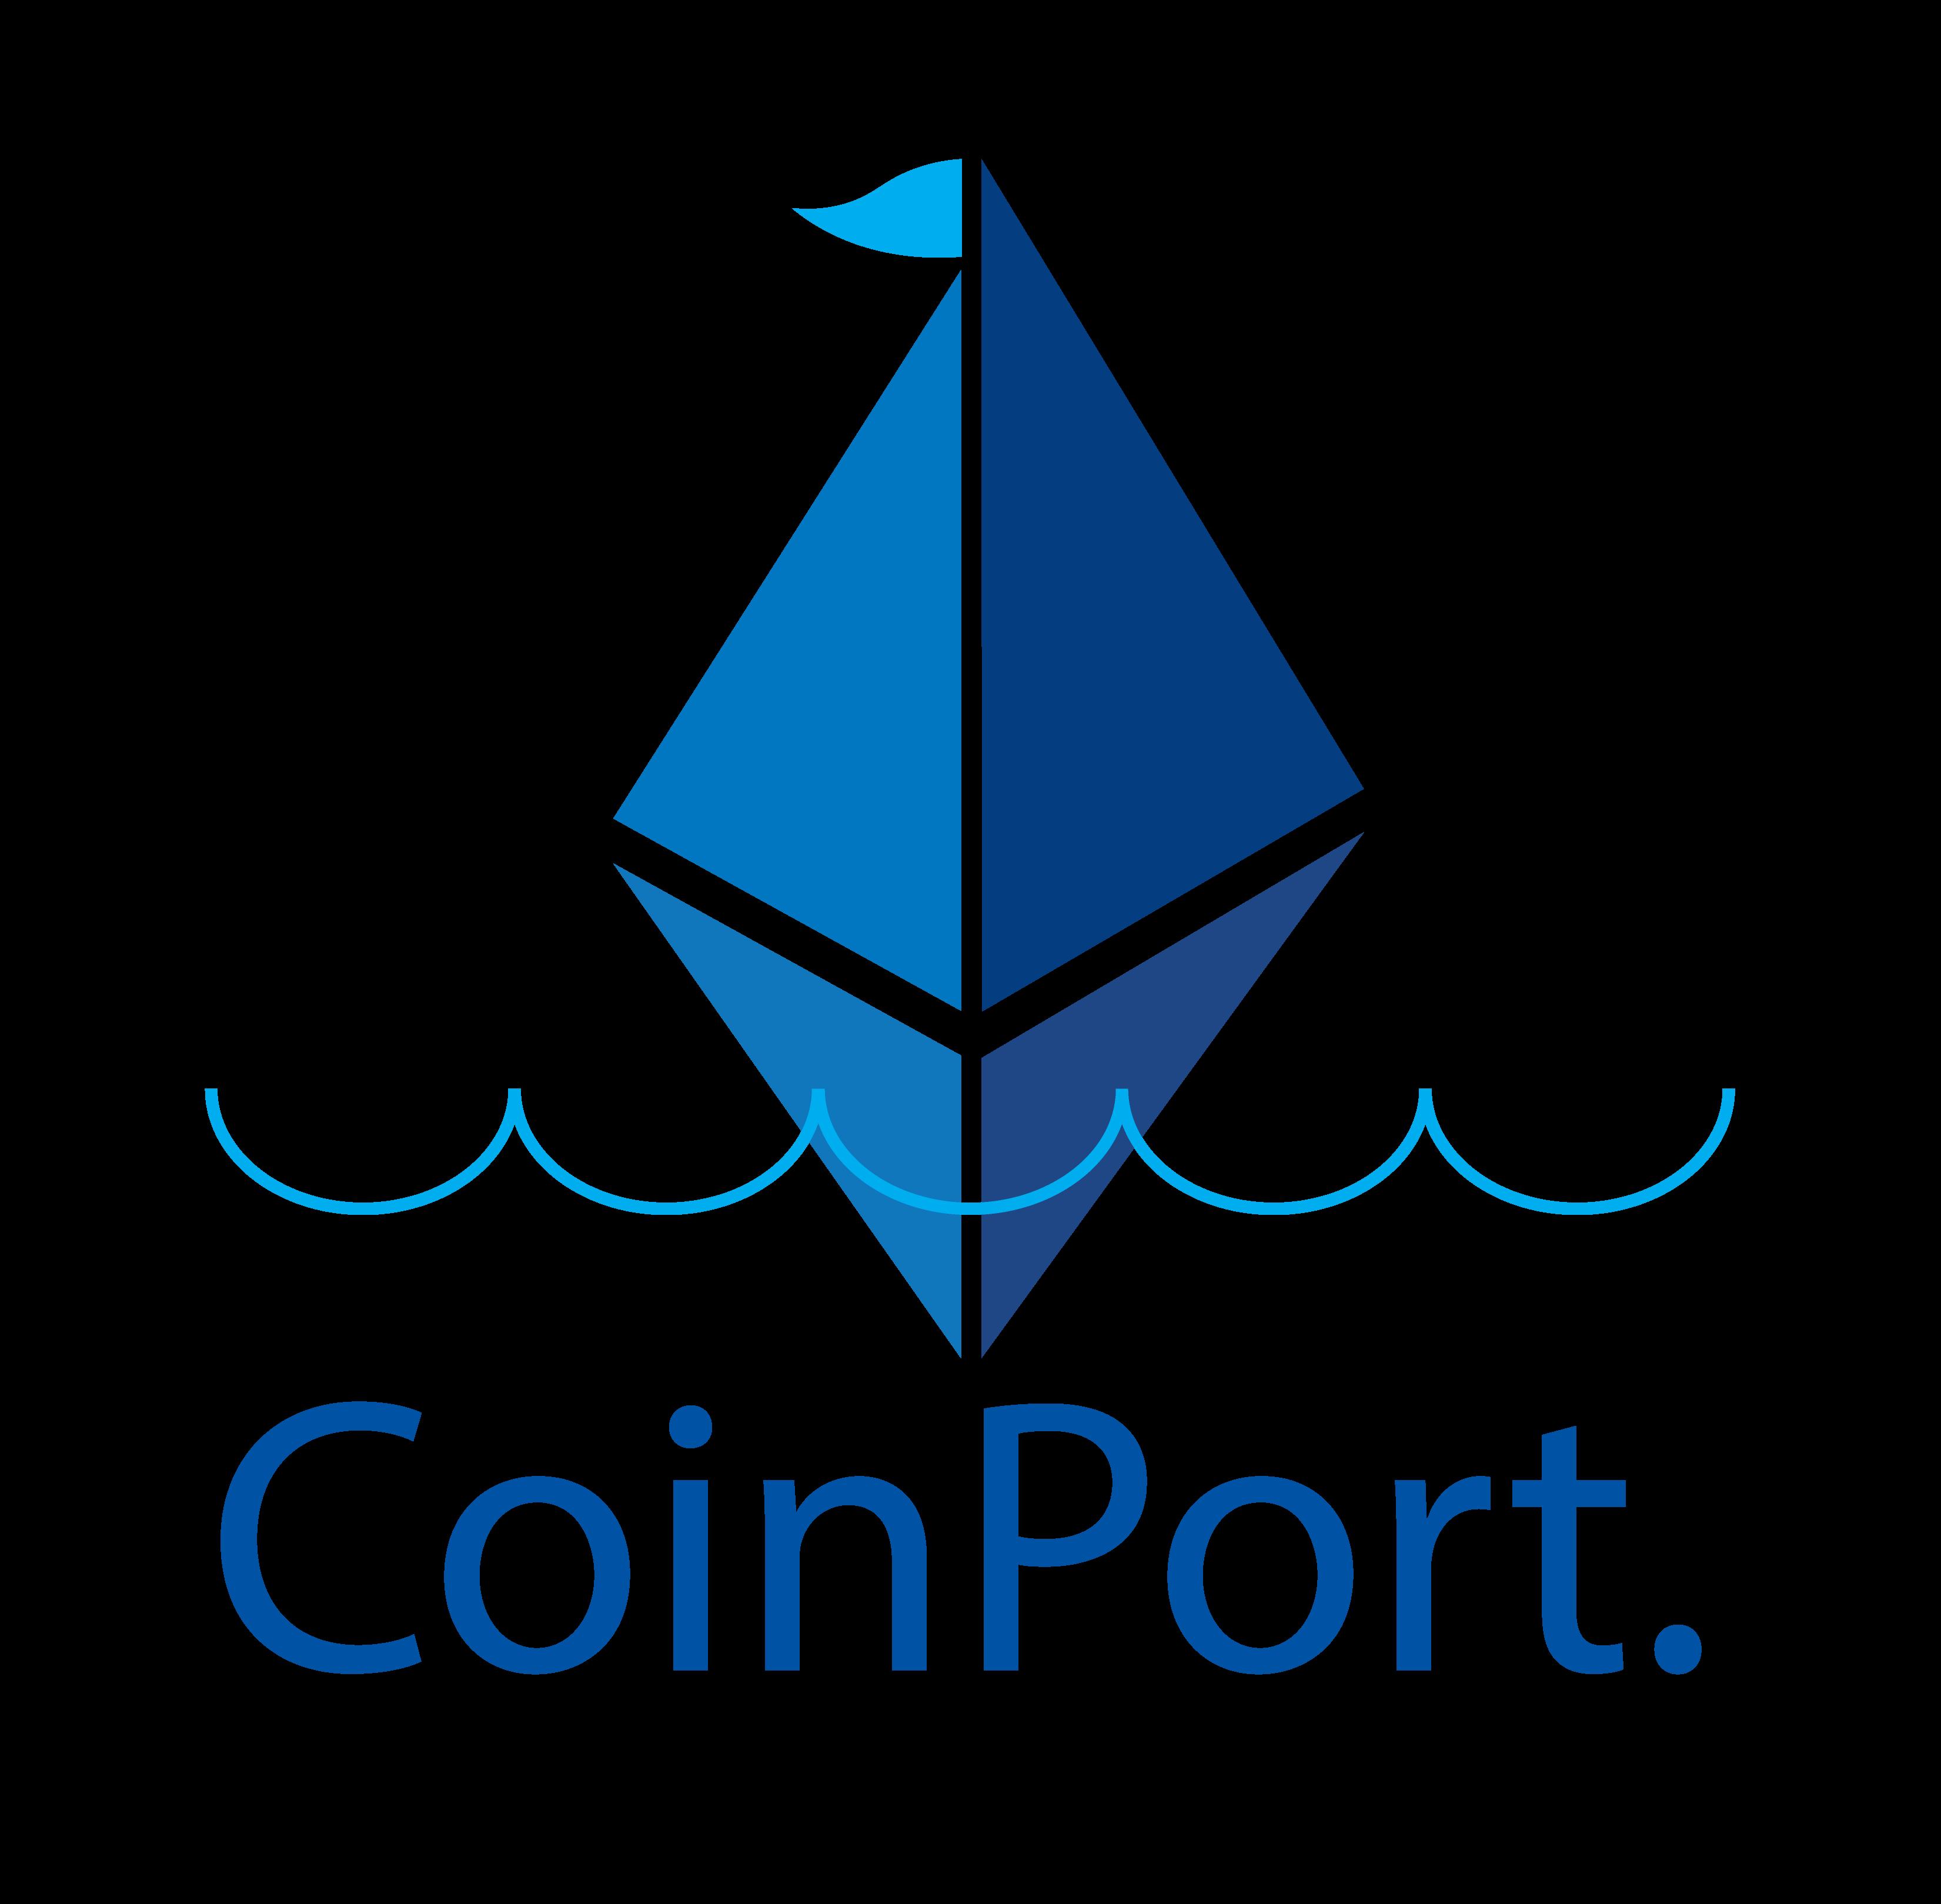 CoinPort